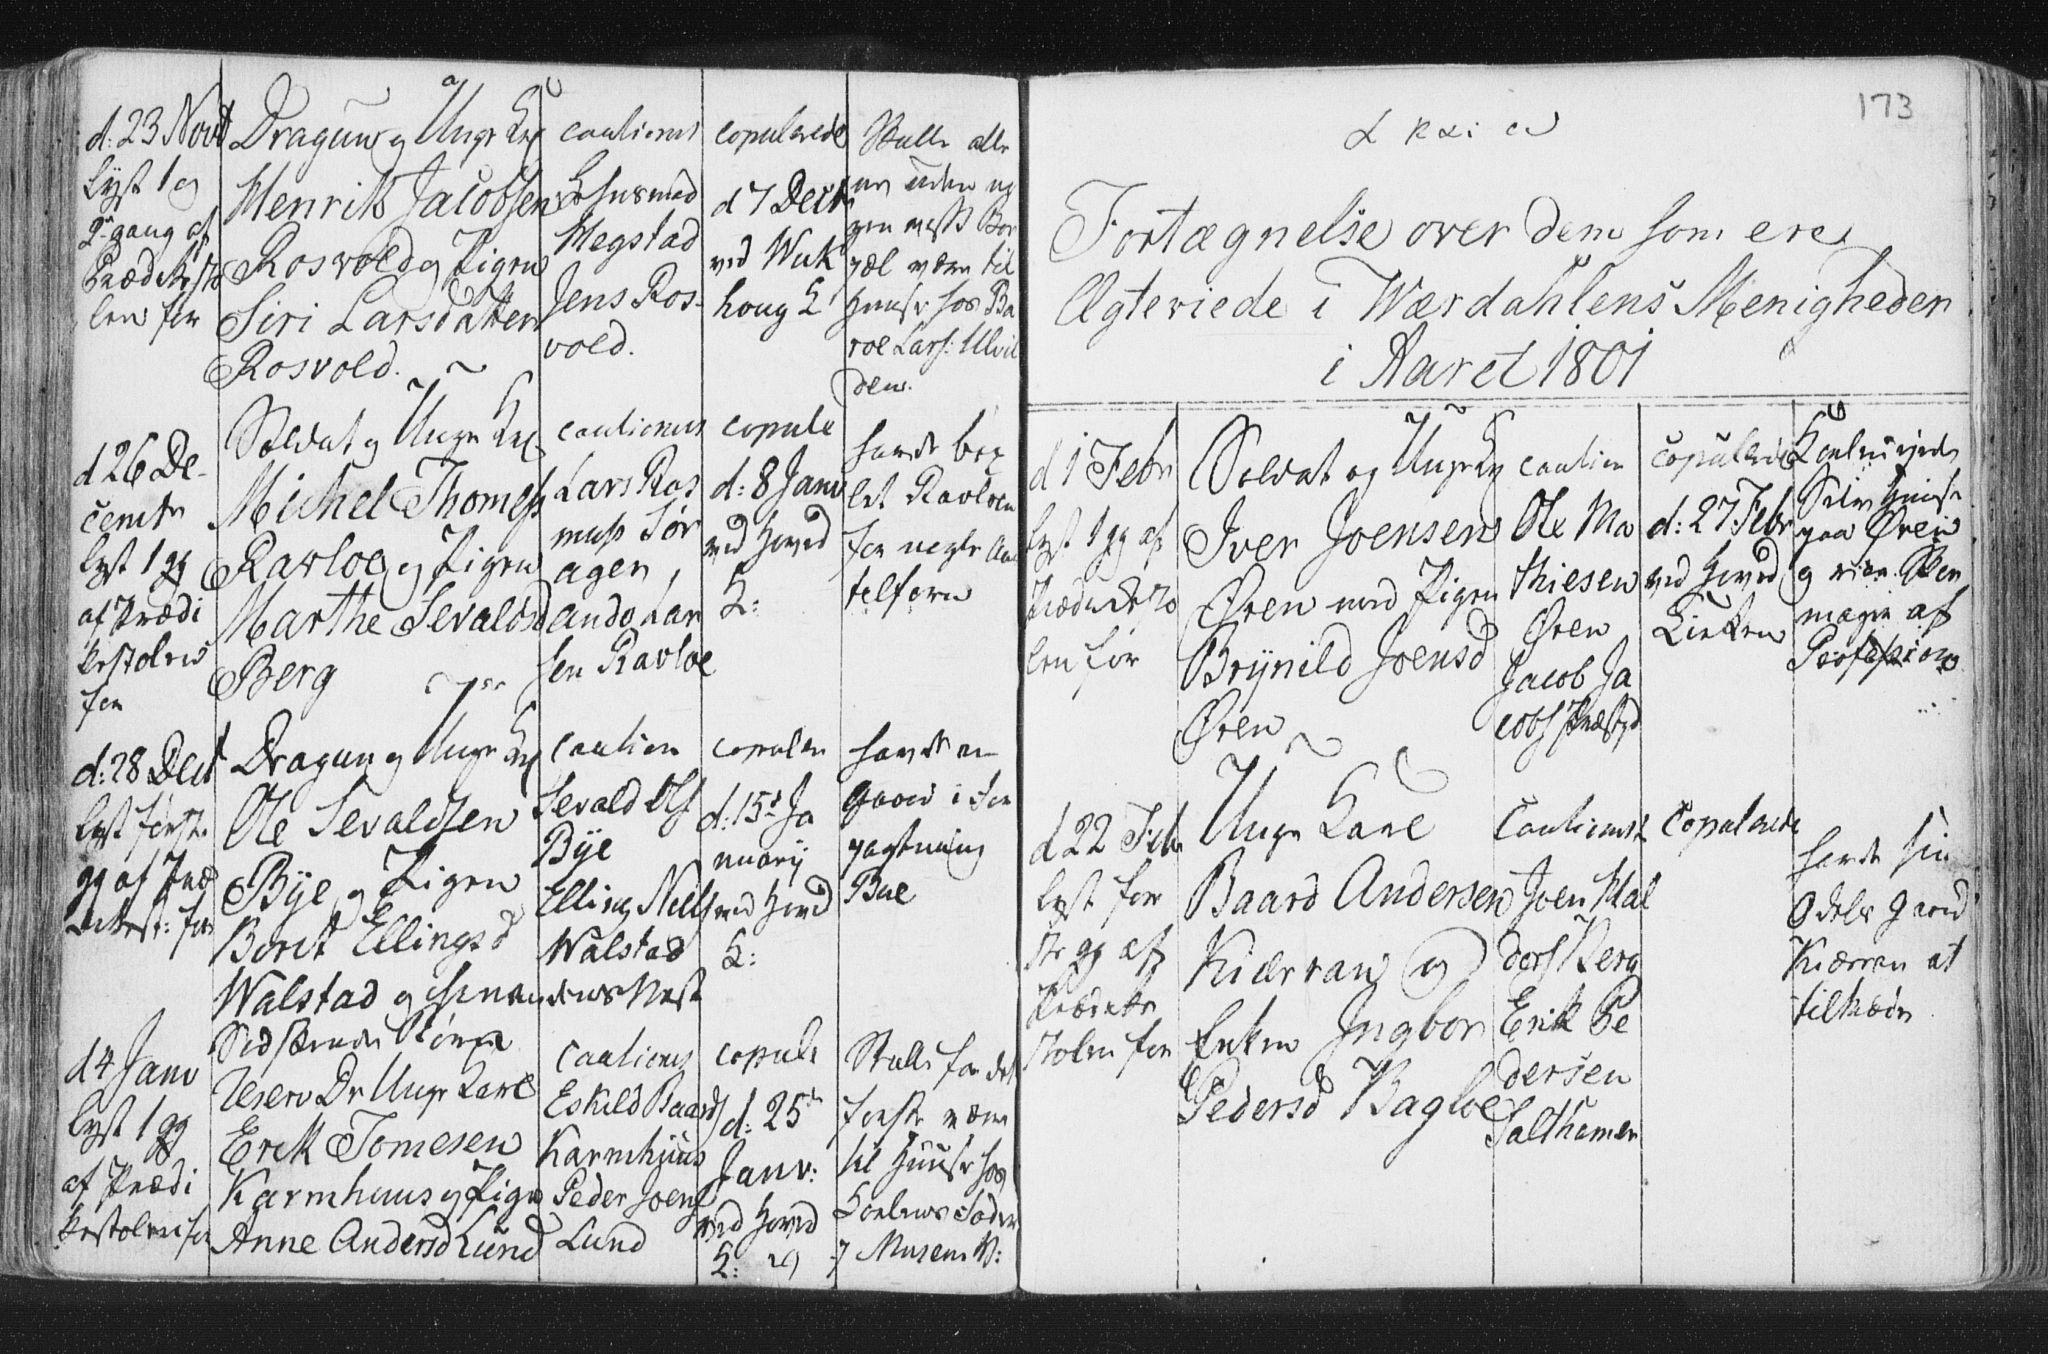 SAT, Ministerialprotokoller, klokkerbøker og fødselsregistre - Nord-Trøndelag, 723/L0232: Ministerialbok nr. 723A03, 1781-1804, s. 173